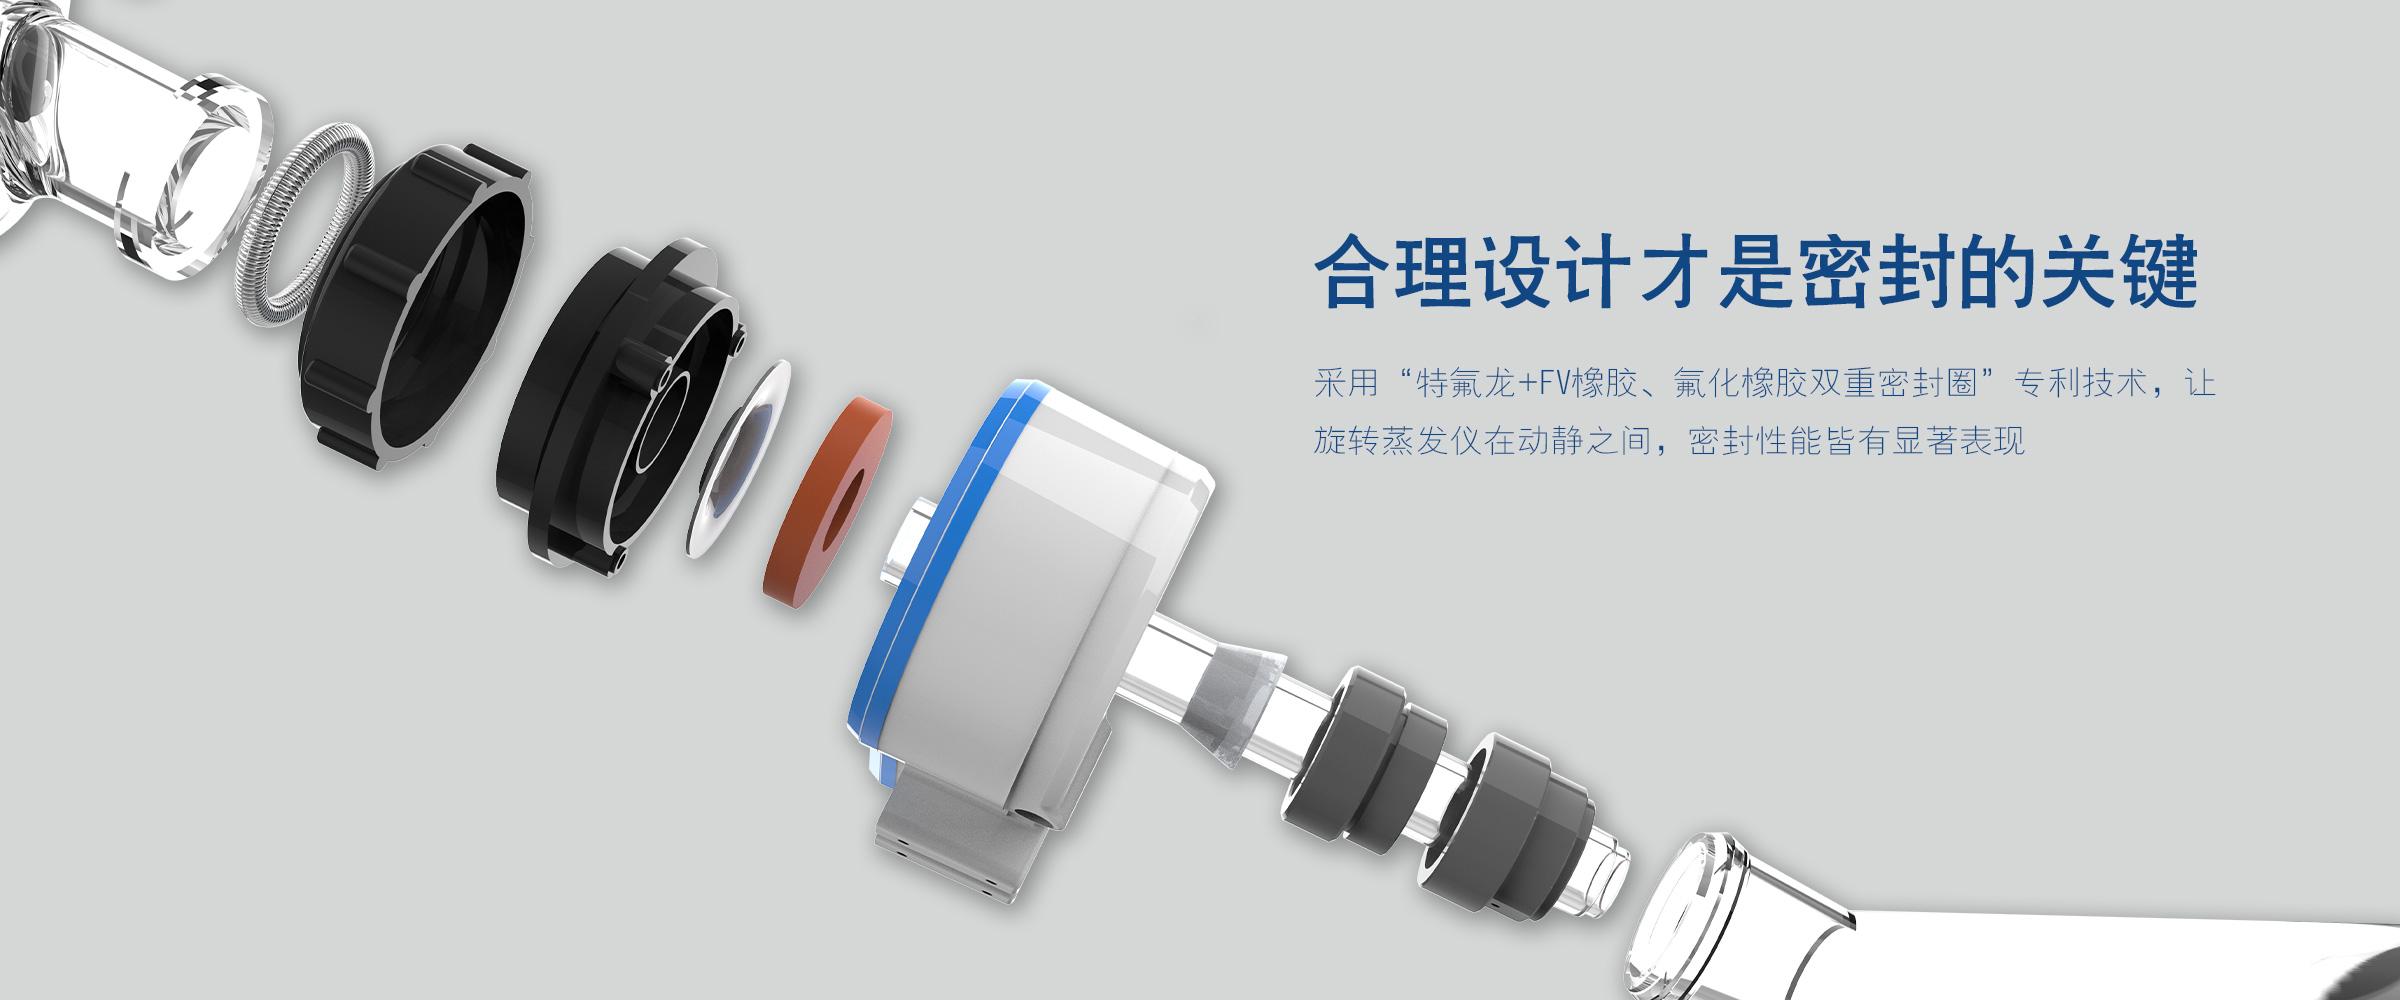 旋转蒸发器电动升降 (3)